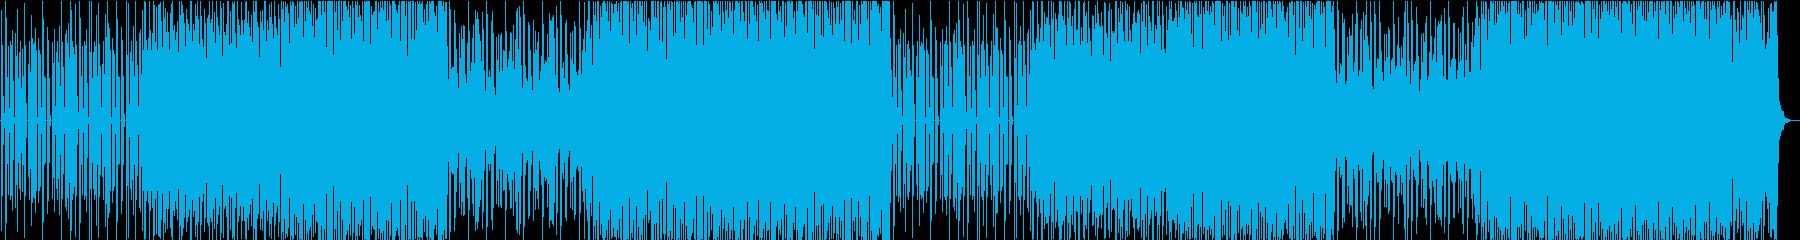 危機を感じるようなテクノBGMの再生済みの波形